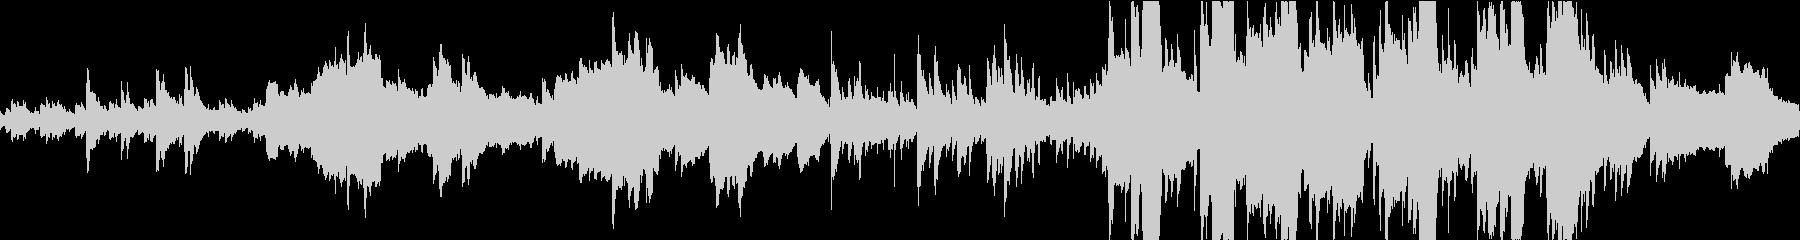 ケルティックなファンタジーBGMの未再生の波形